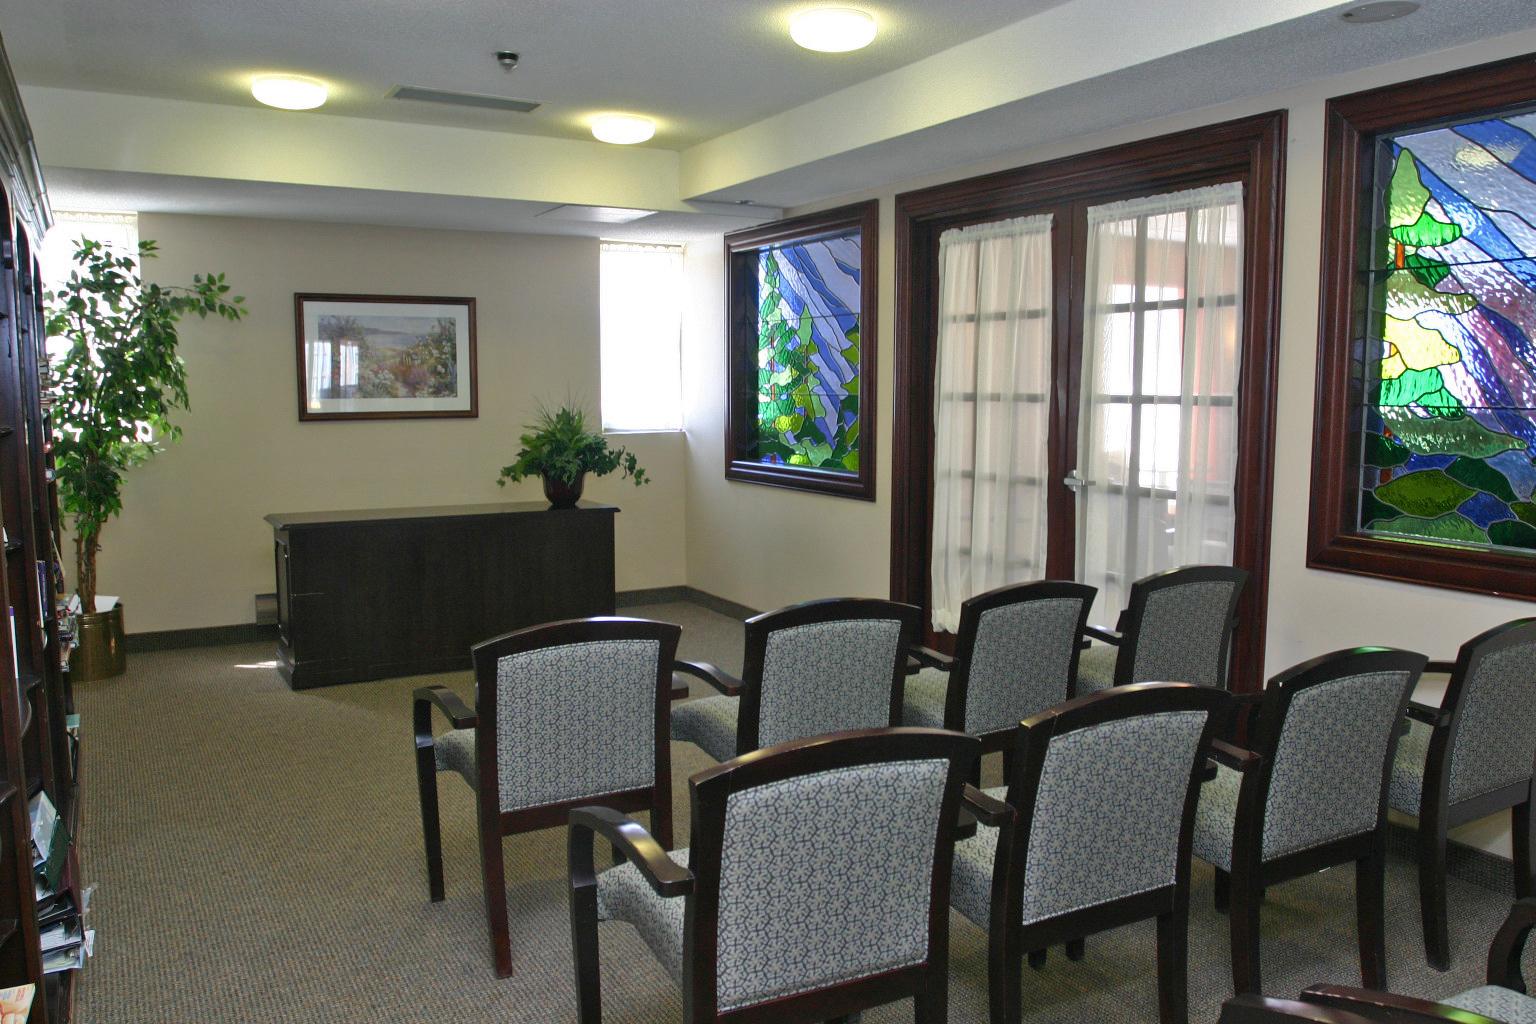 Revera Robertson House Retirement Residence